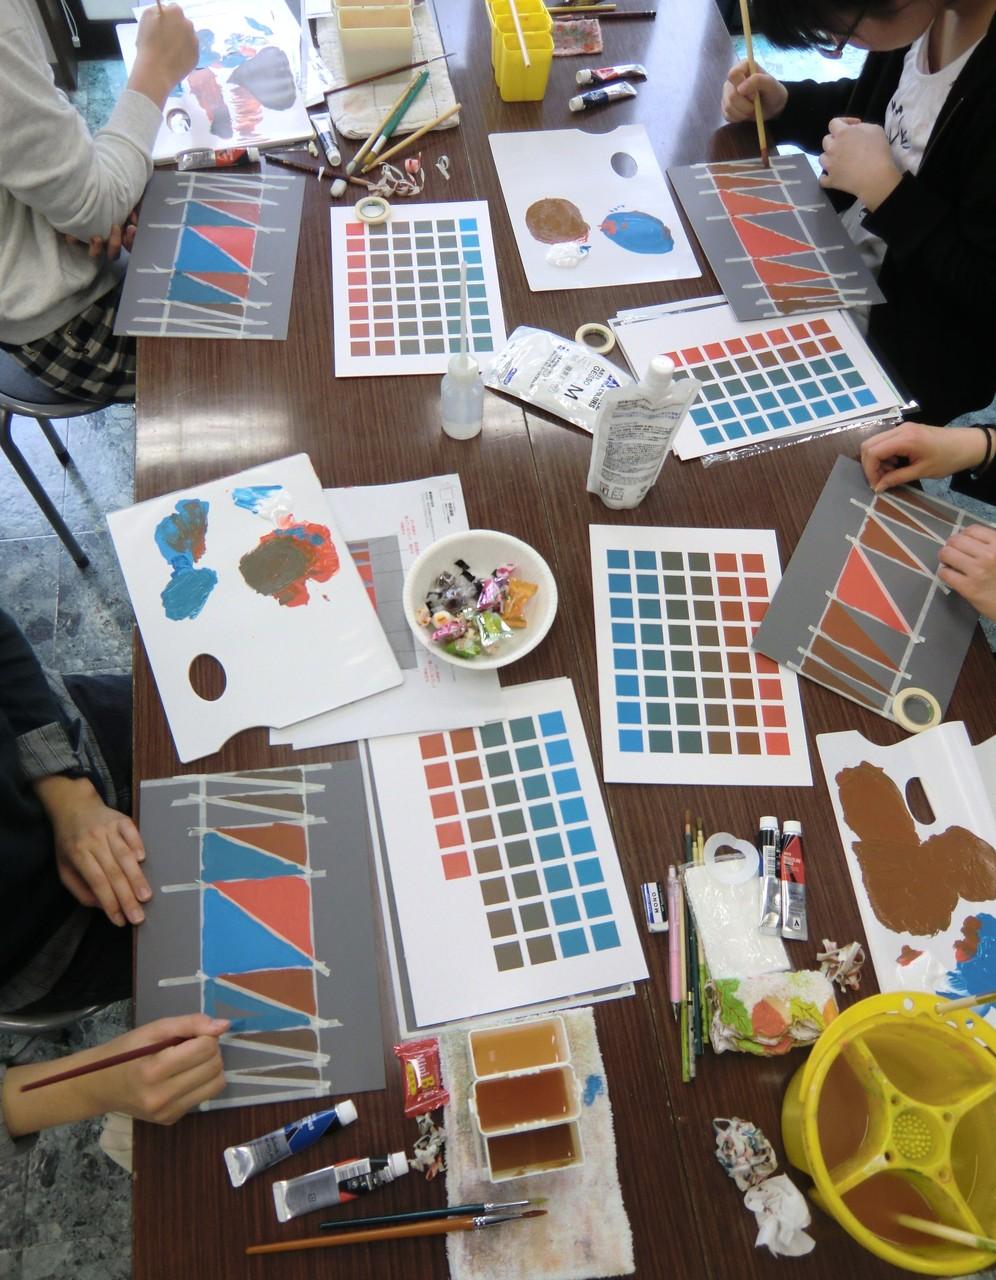 成安造形大学 岸田保 准教授による「彩度を意識した色の作り方」無料実習